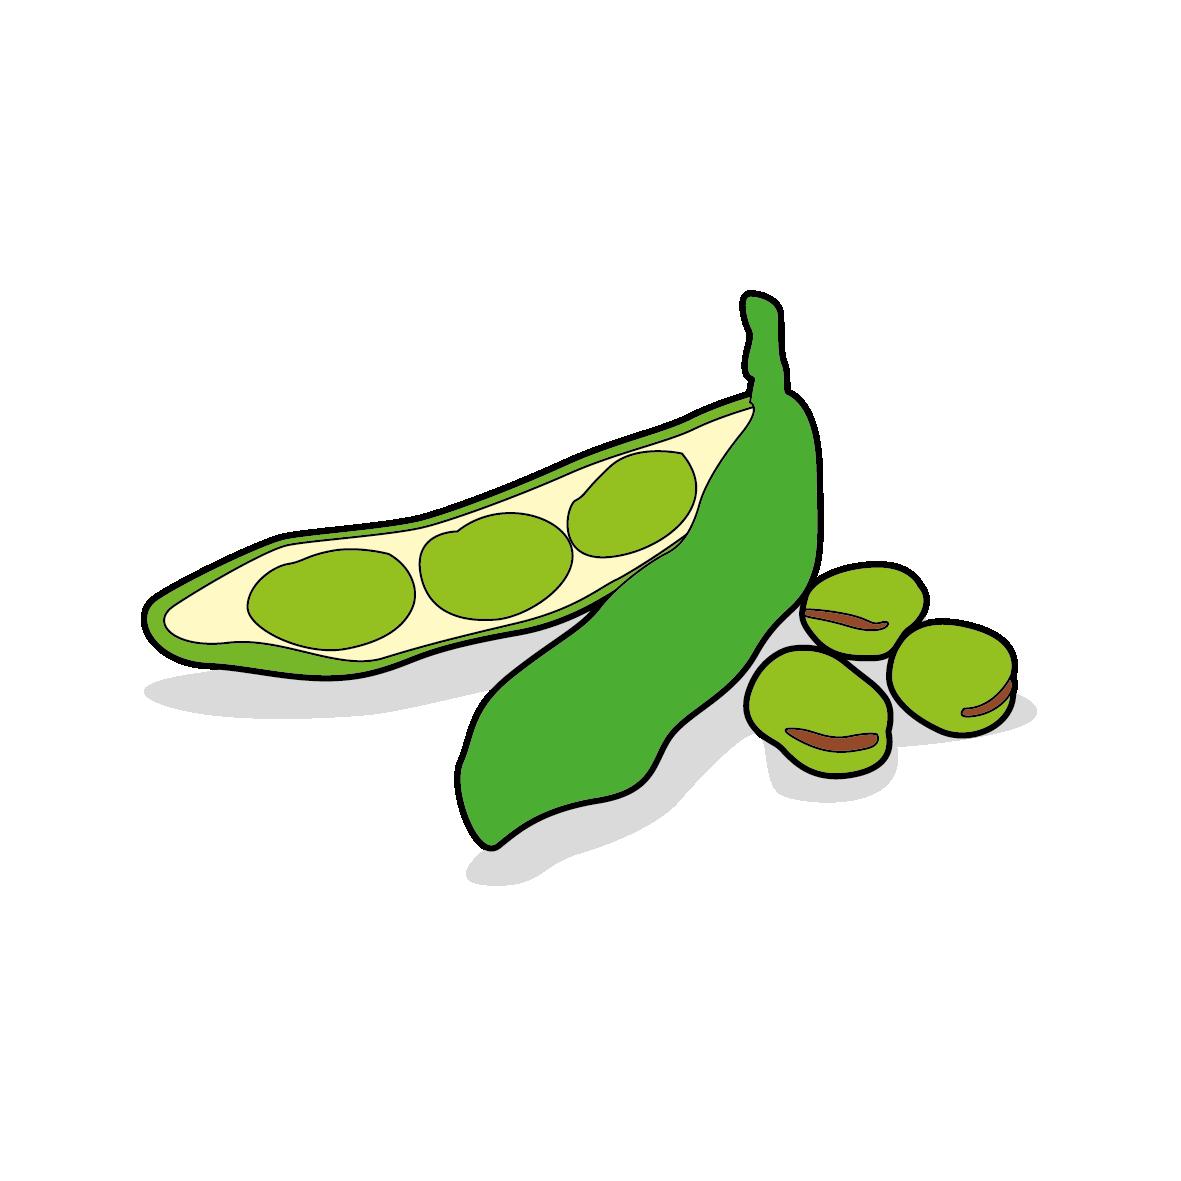 Icone de fèves, ailmacocotte.com